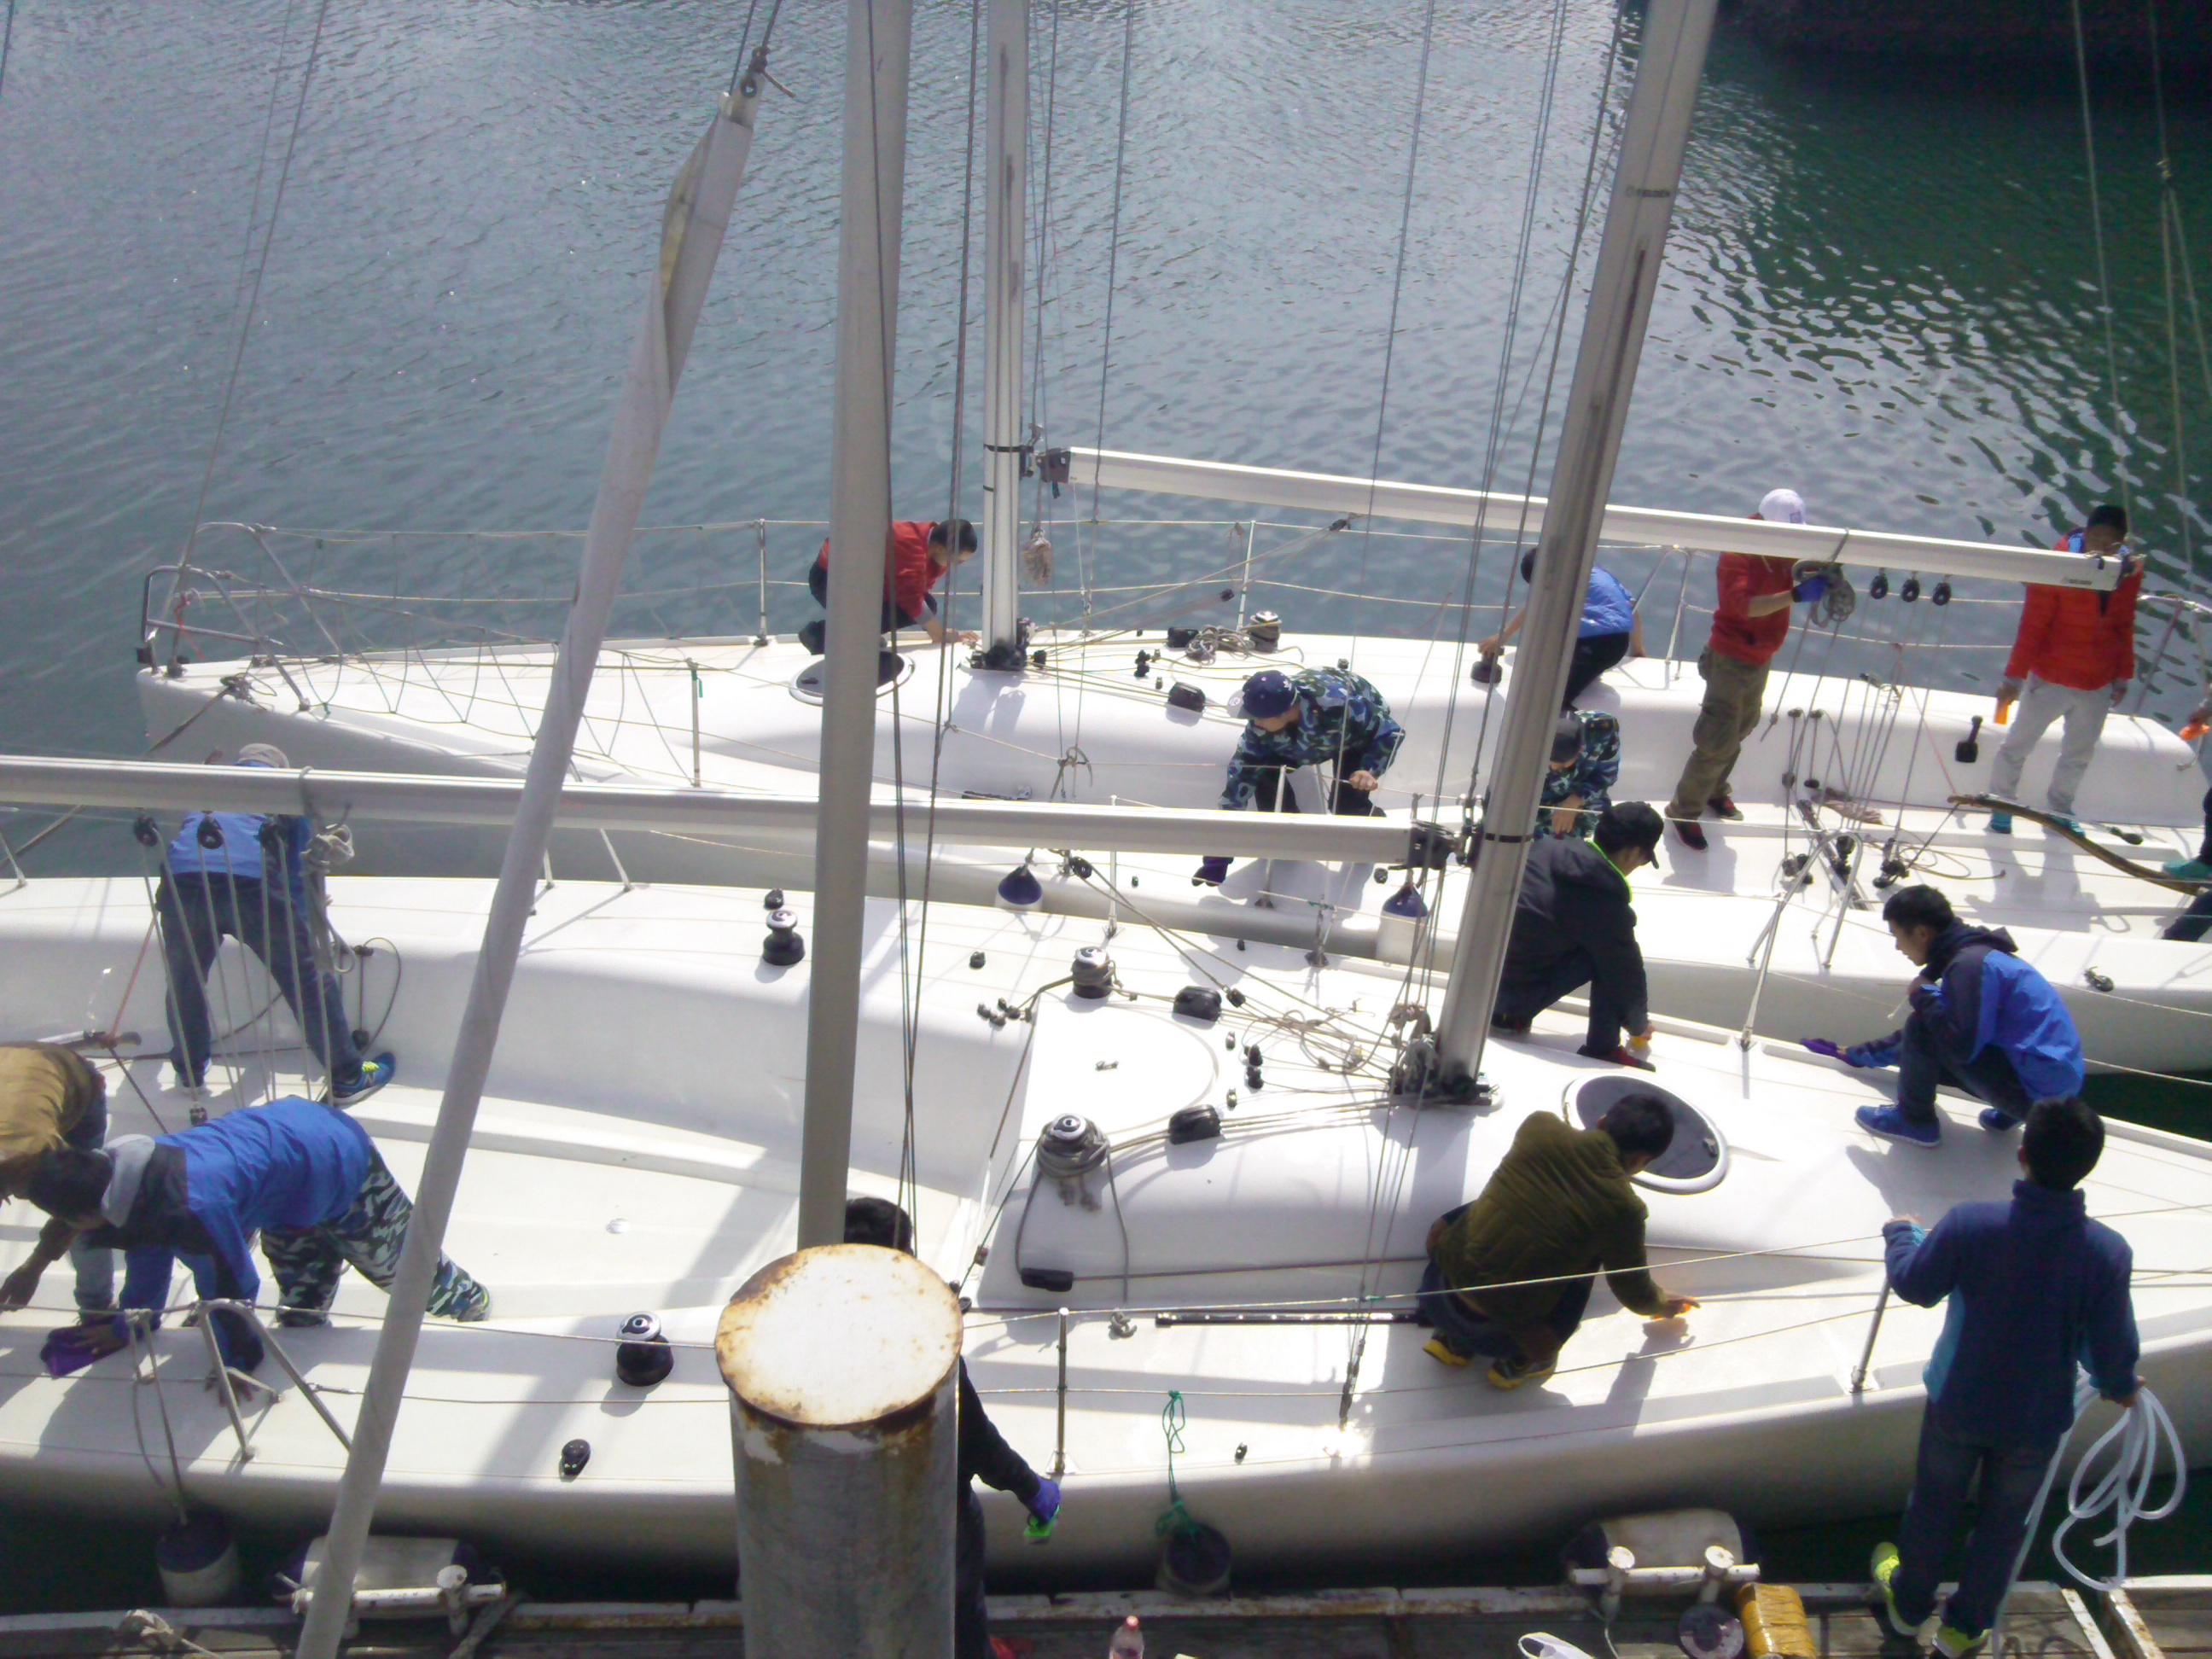 大连海事,图片,大学,帆船 大连海事大学帆船队之我们的那些事 擦洗船体